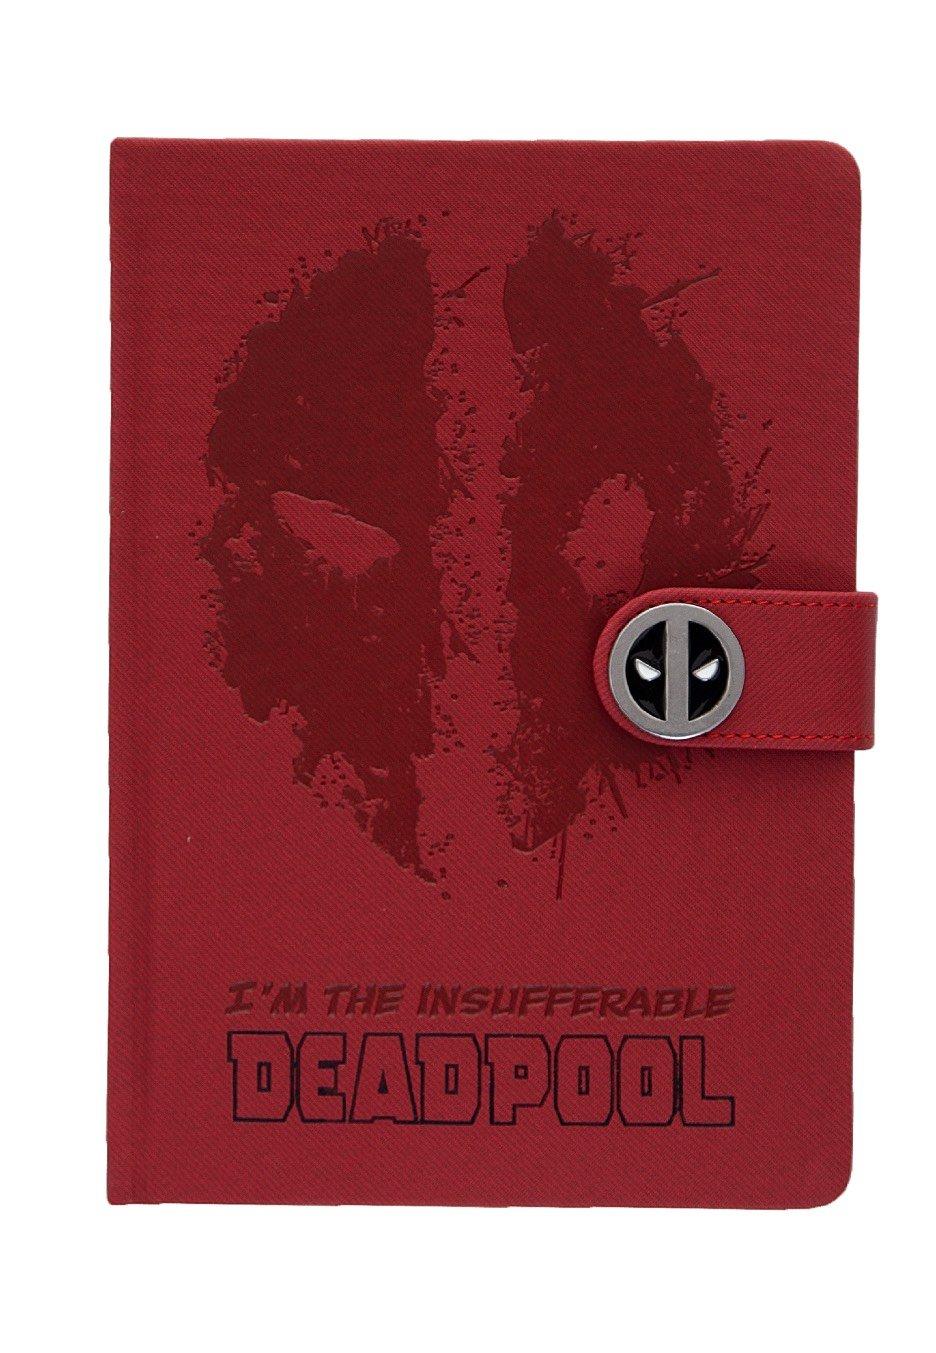 Deadpool - Splat Red -